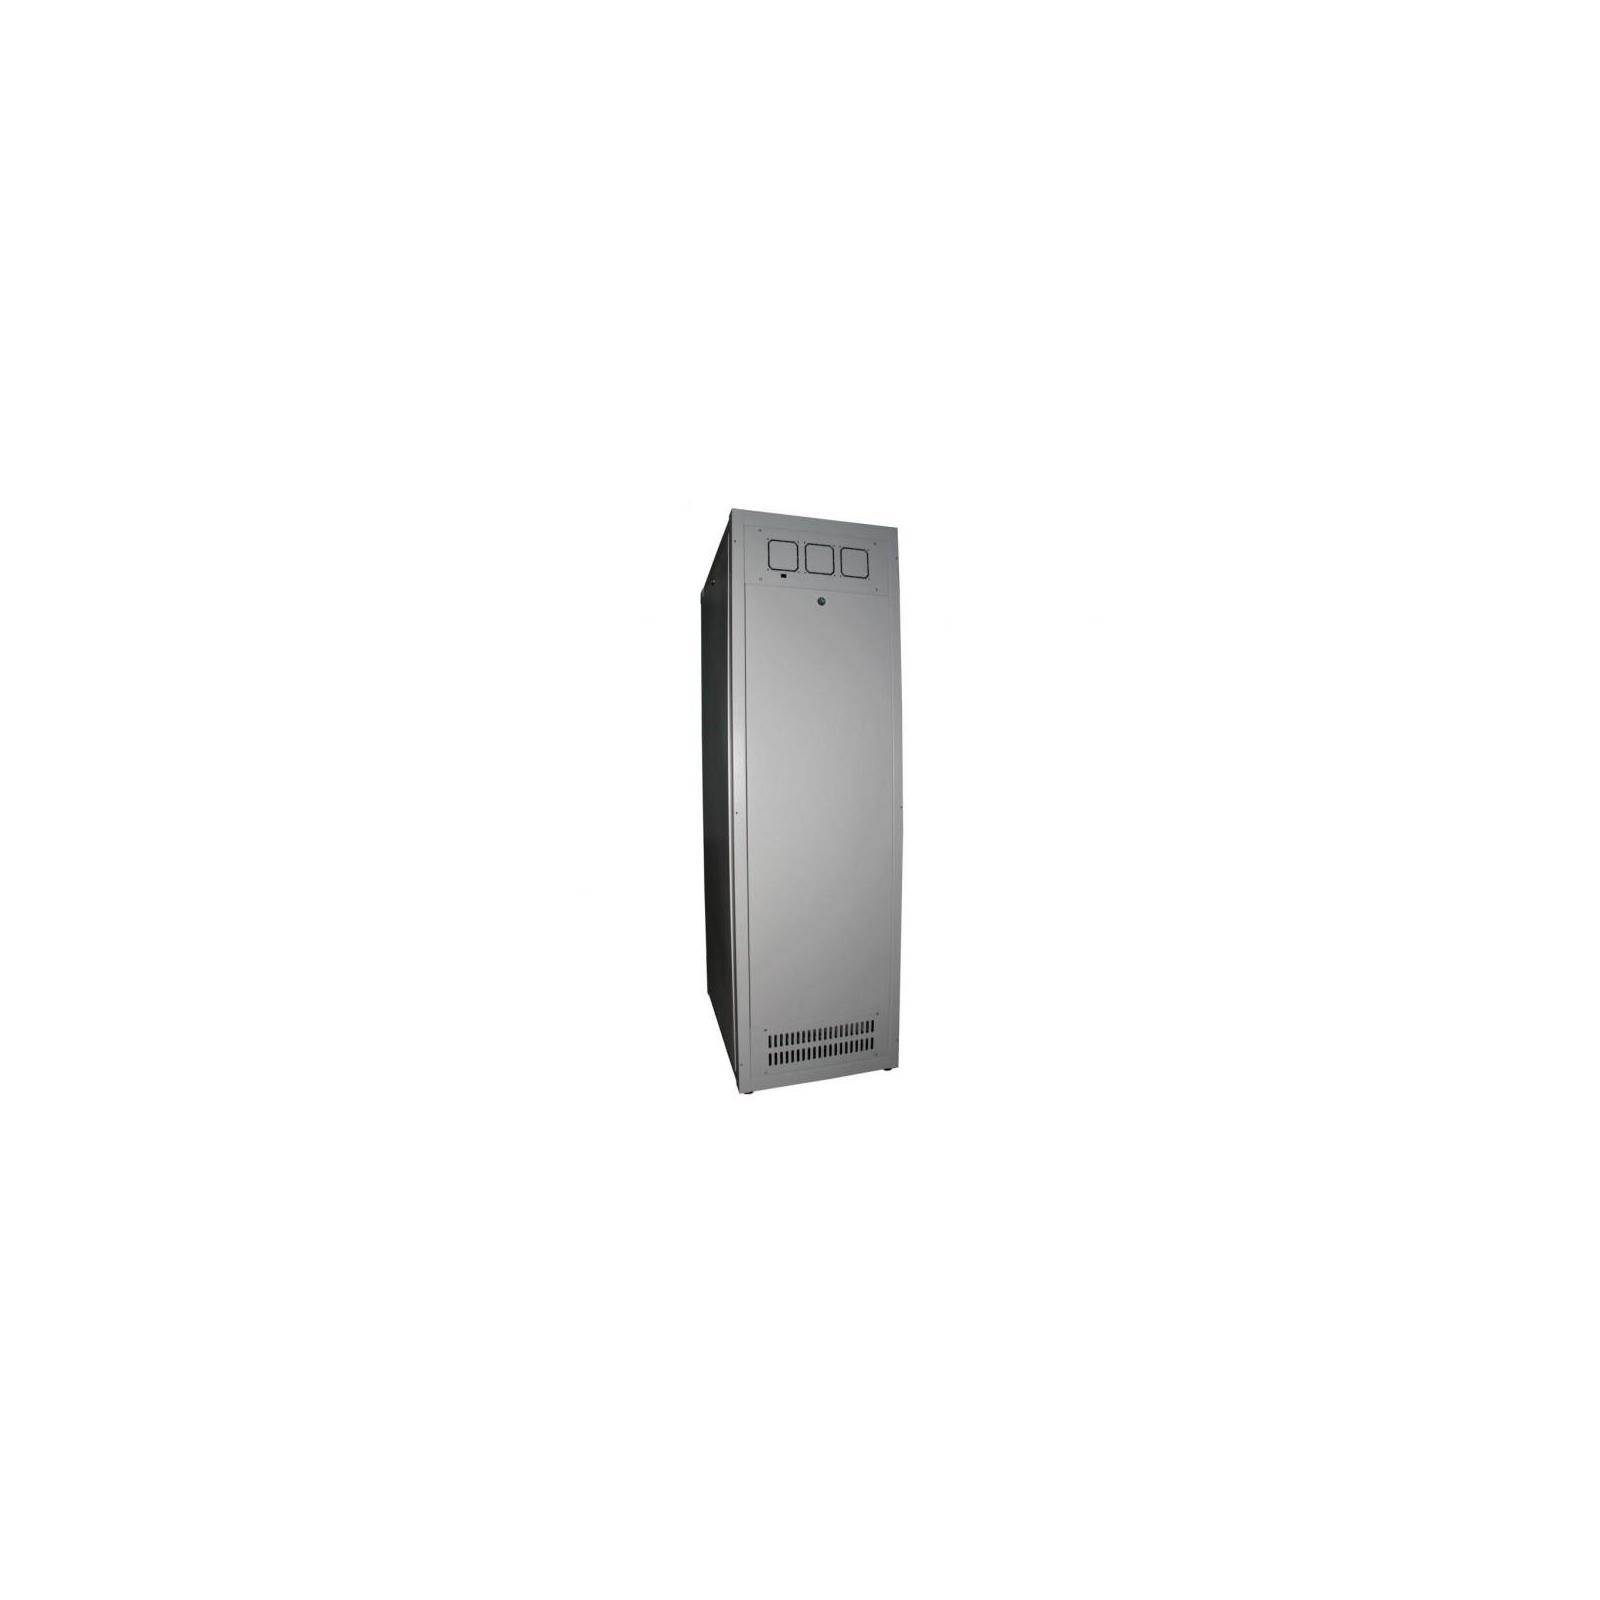 Шкаф напольный CSV 42U Rackmount S 800x1200 Acrylic изображение 2